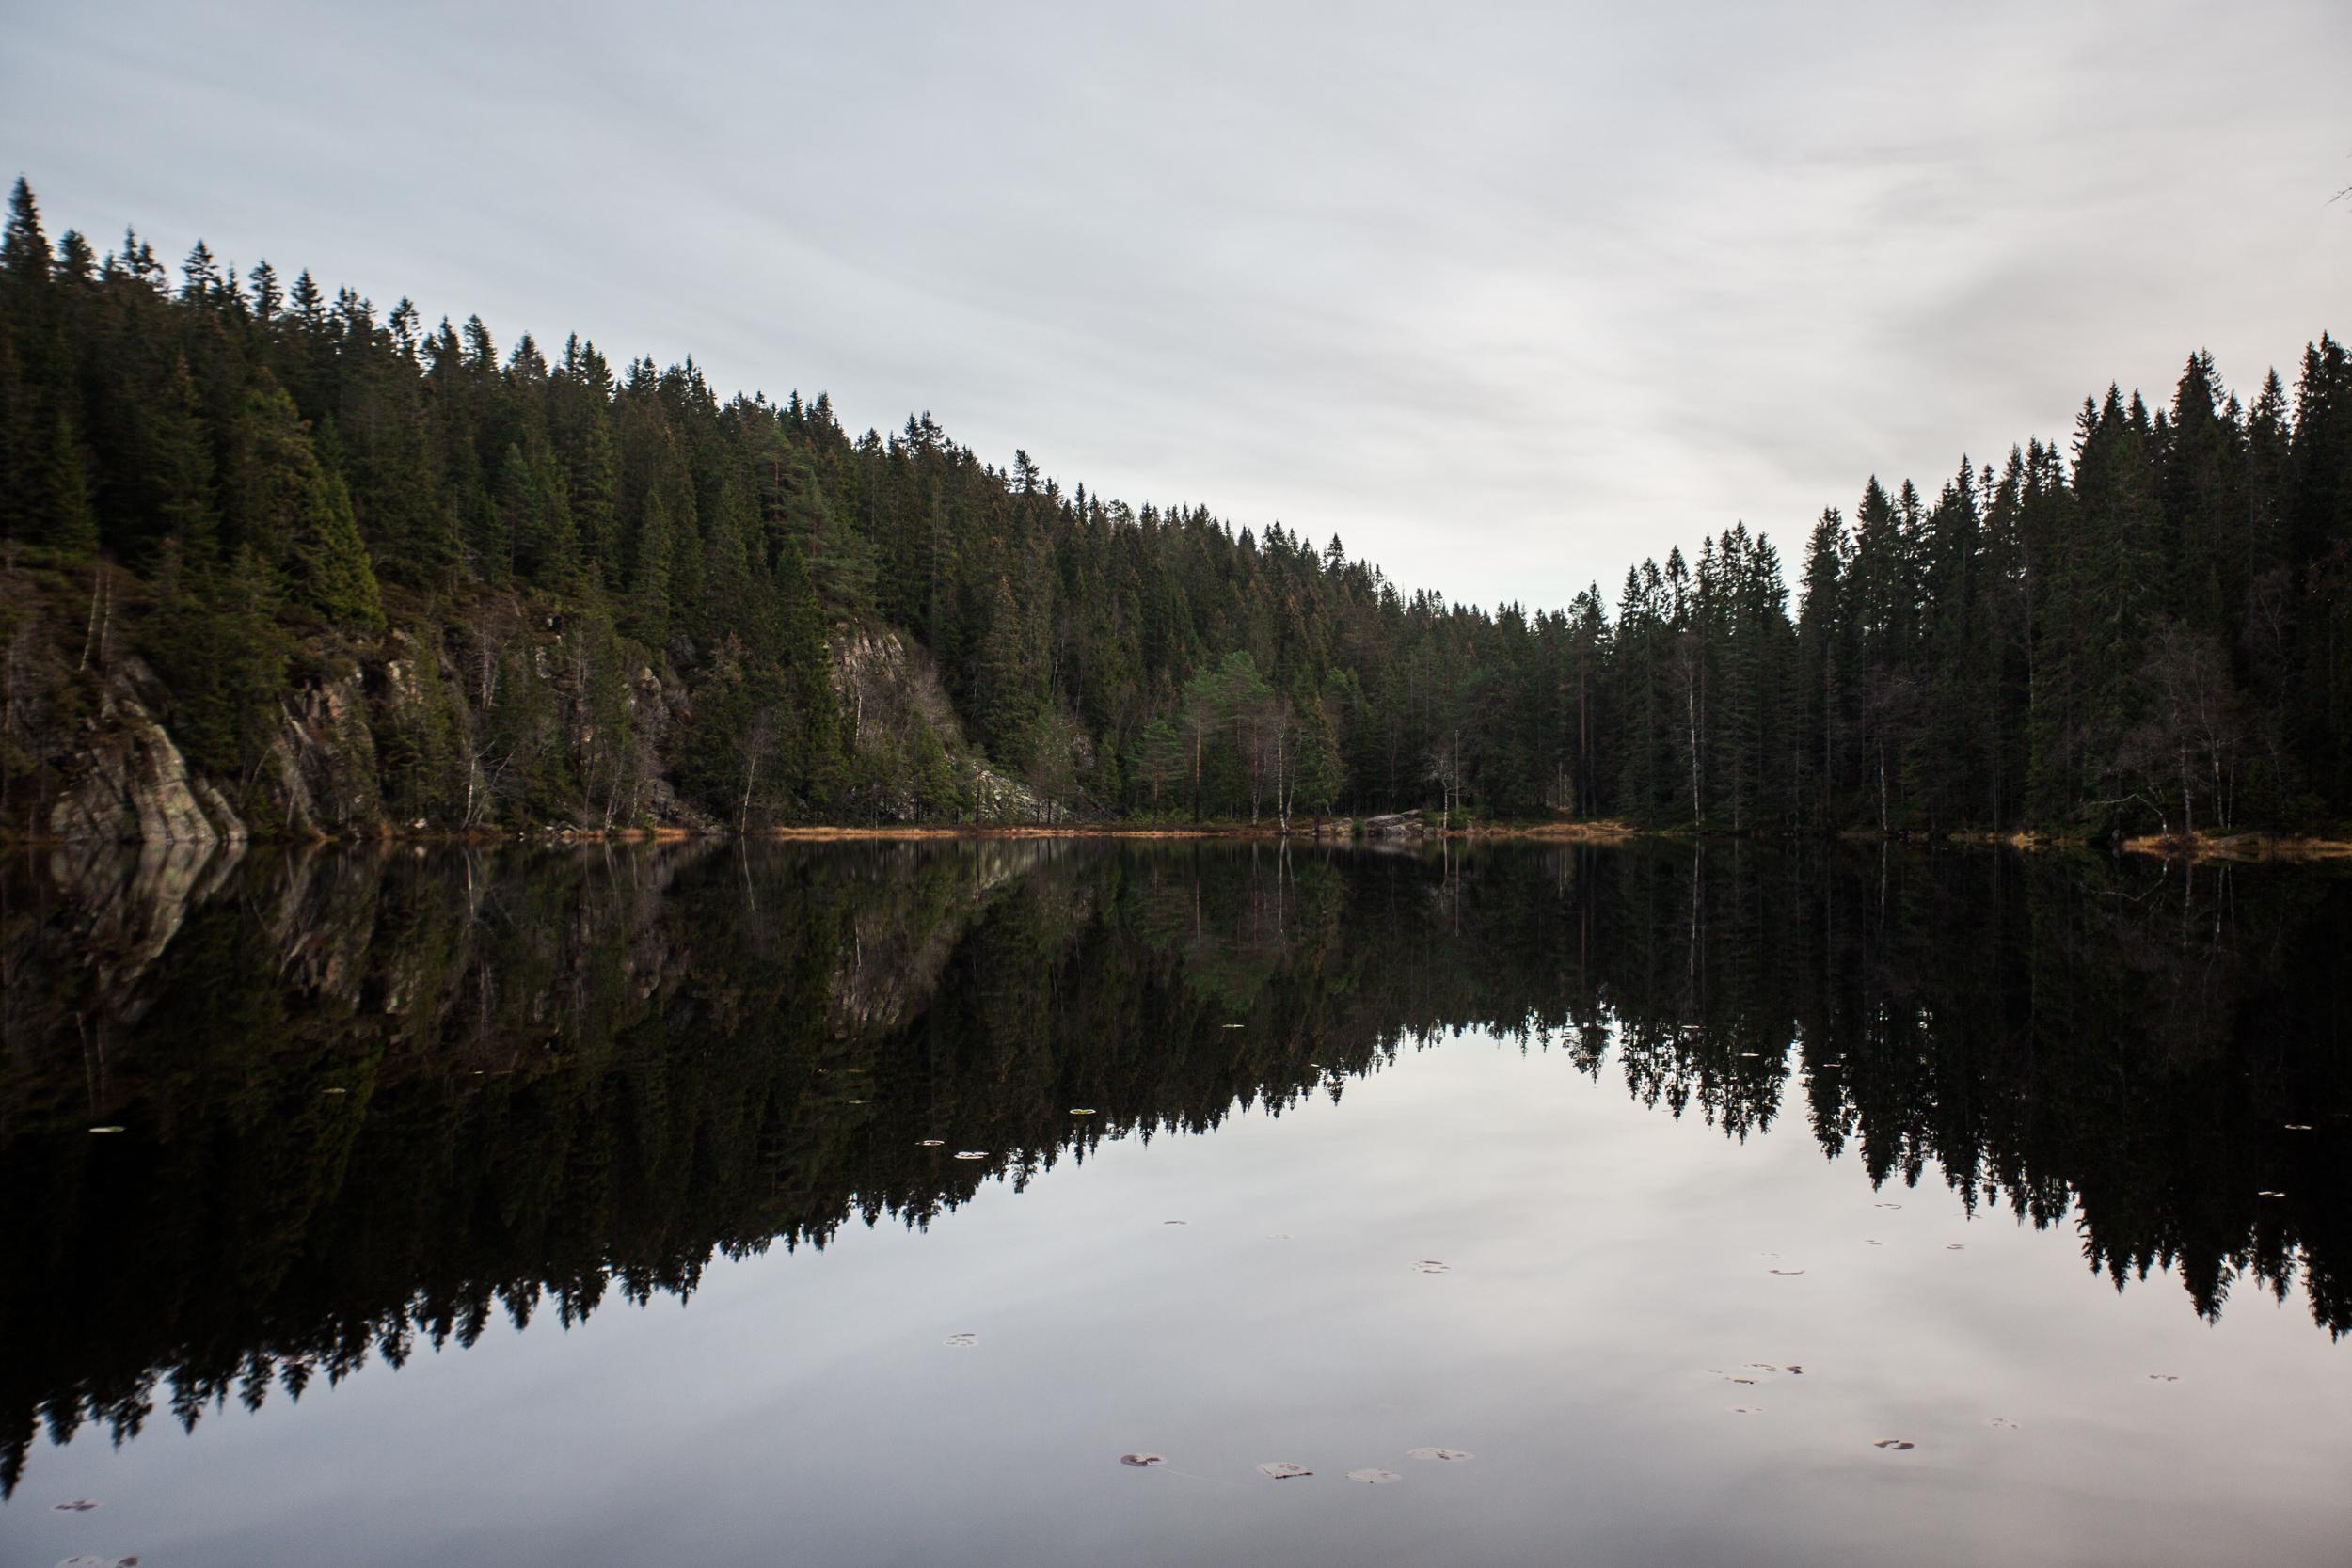 081115_fausko_oslo_skjennungstua_tryvannstårnet_landskap-2.jpg